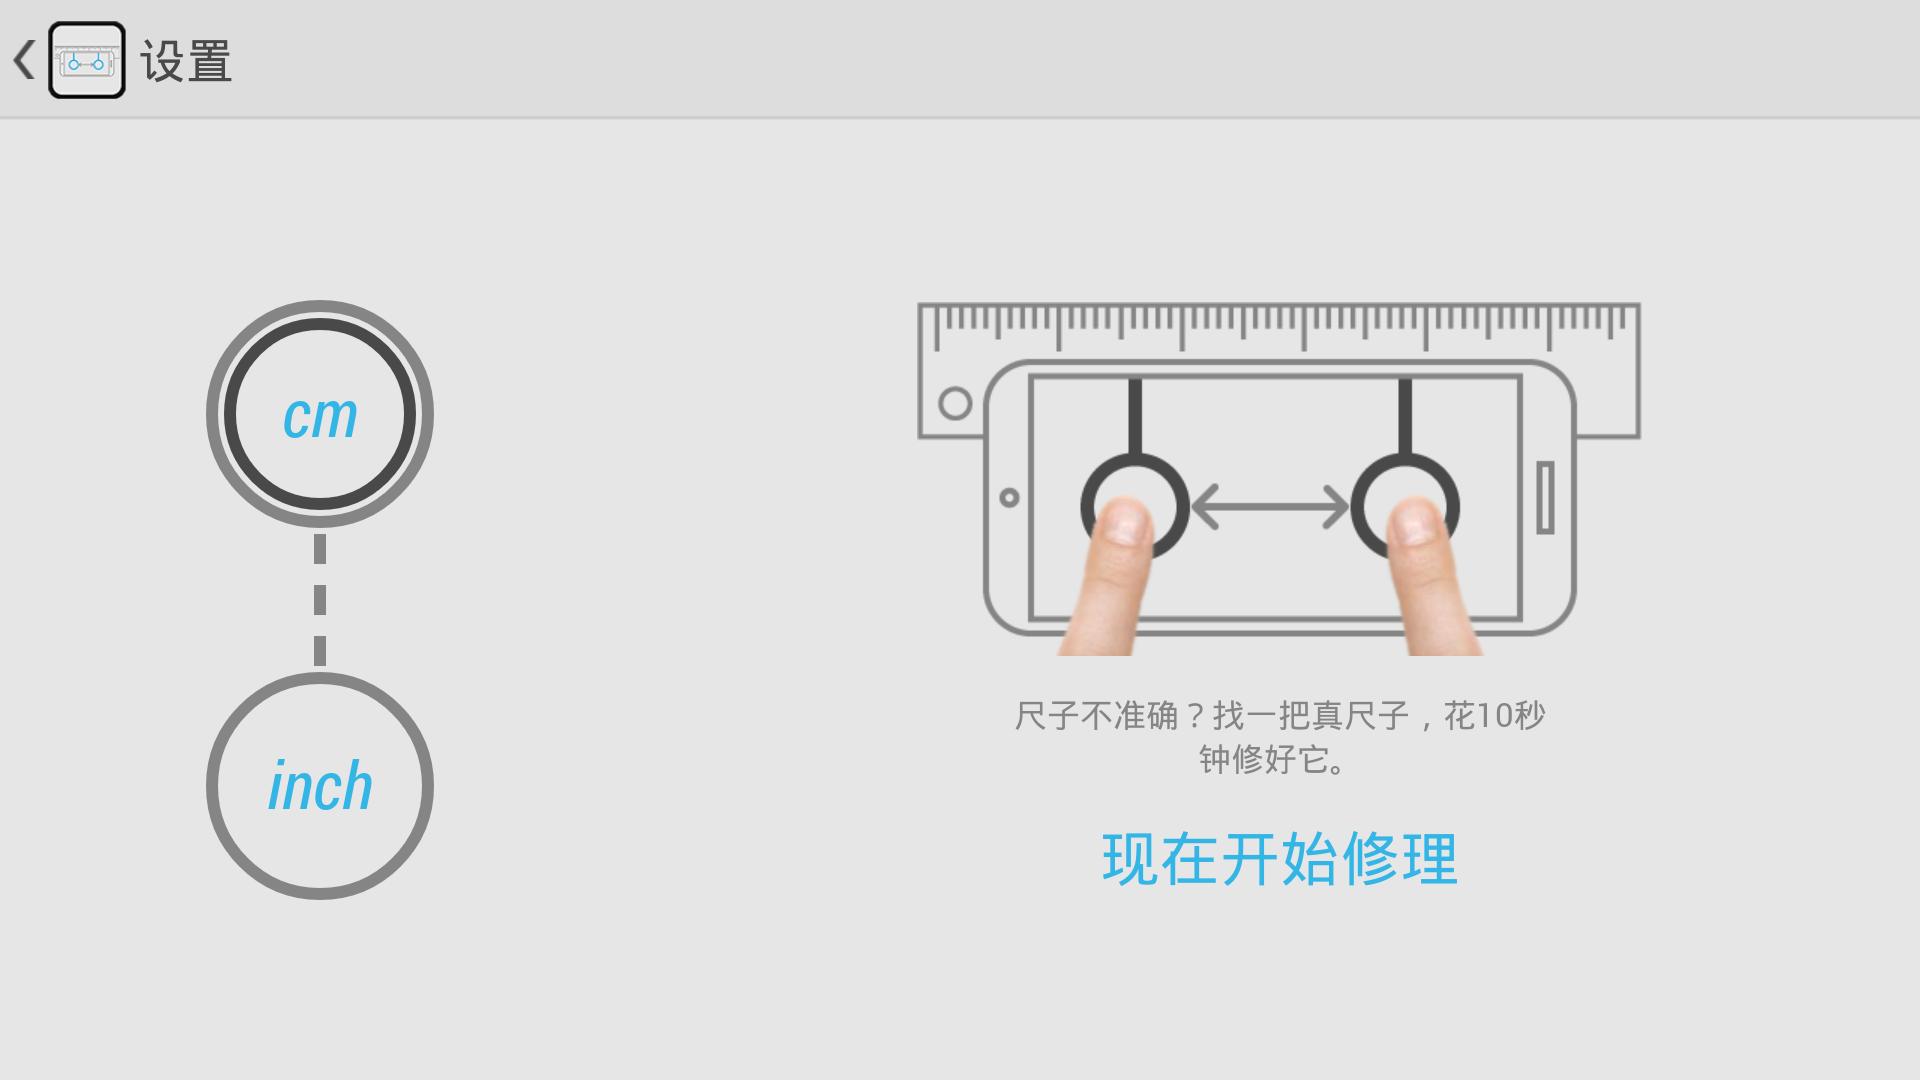 可以将您的手机变成尺子进行长度的测量